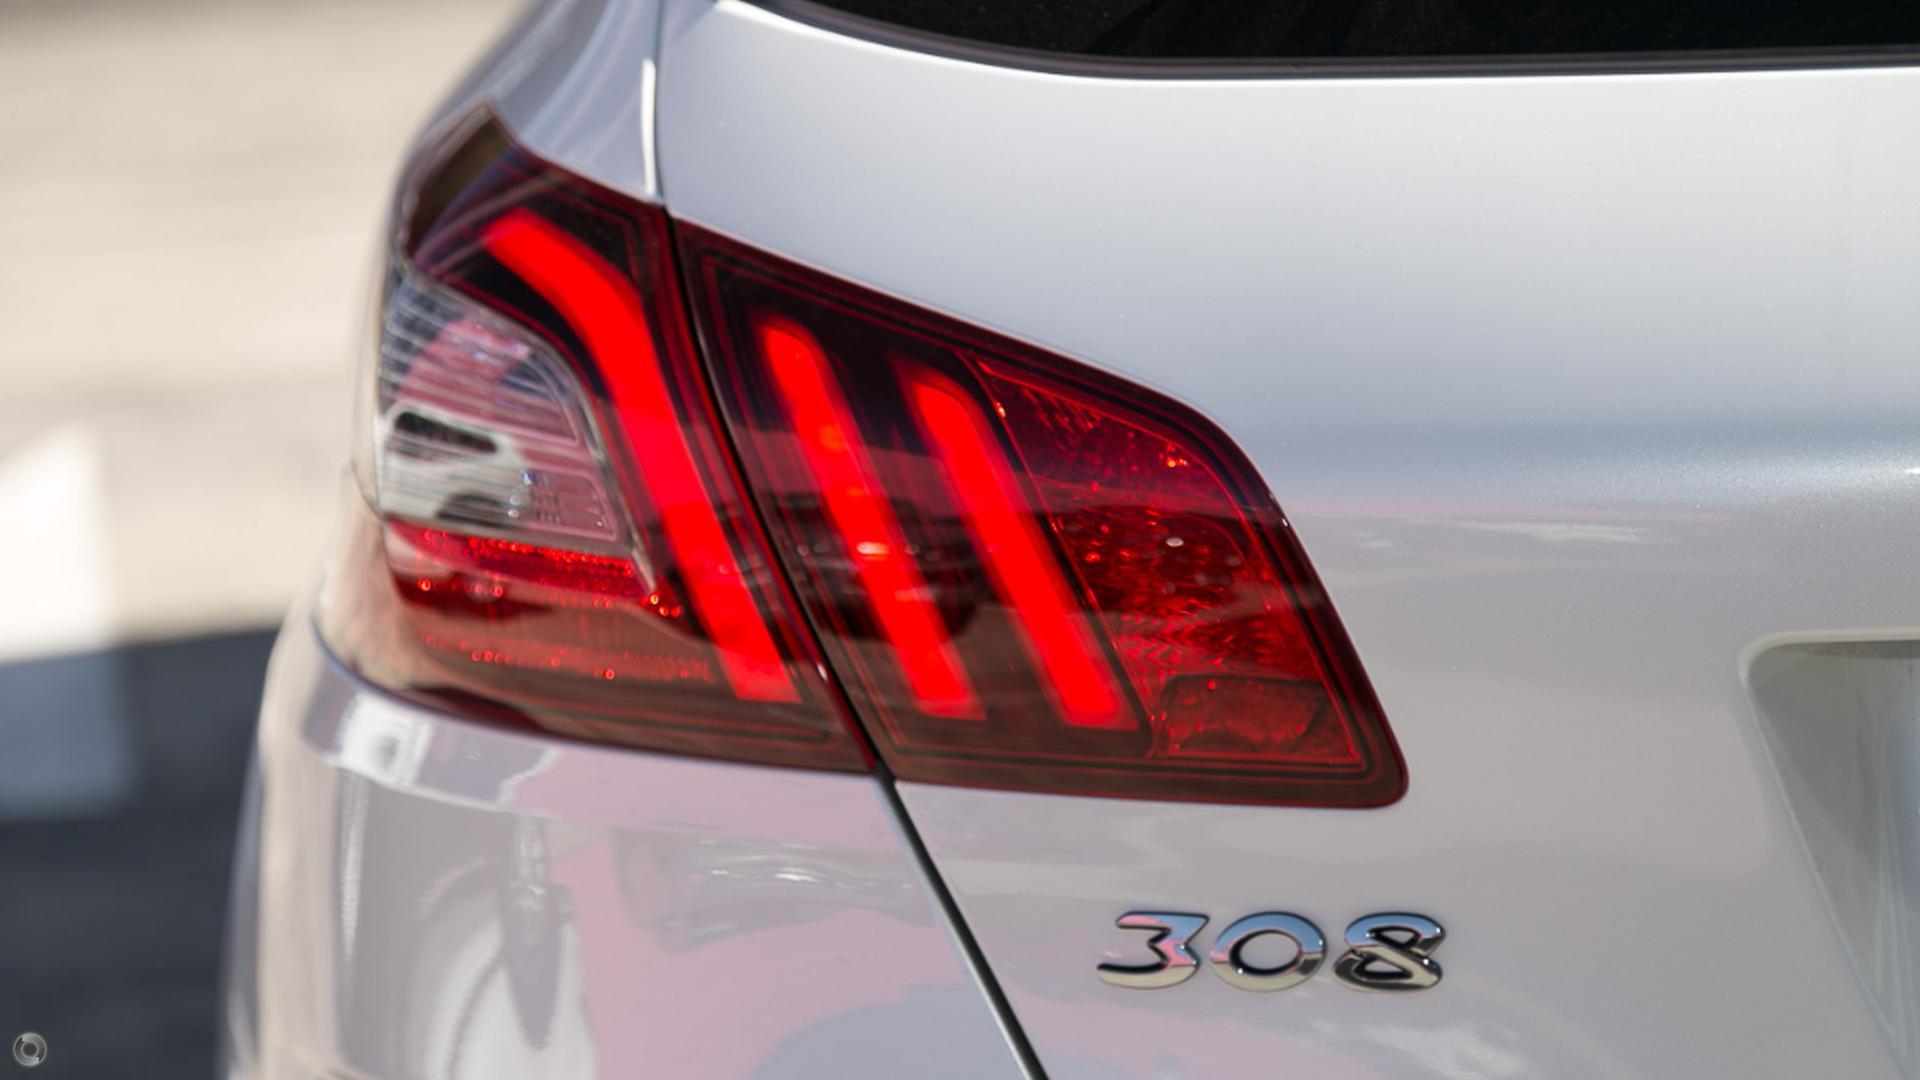 2018 Peugeot 308 GTi 270 T9